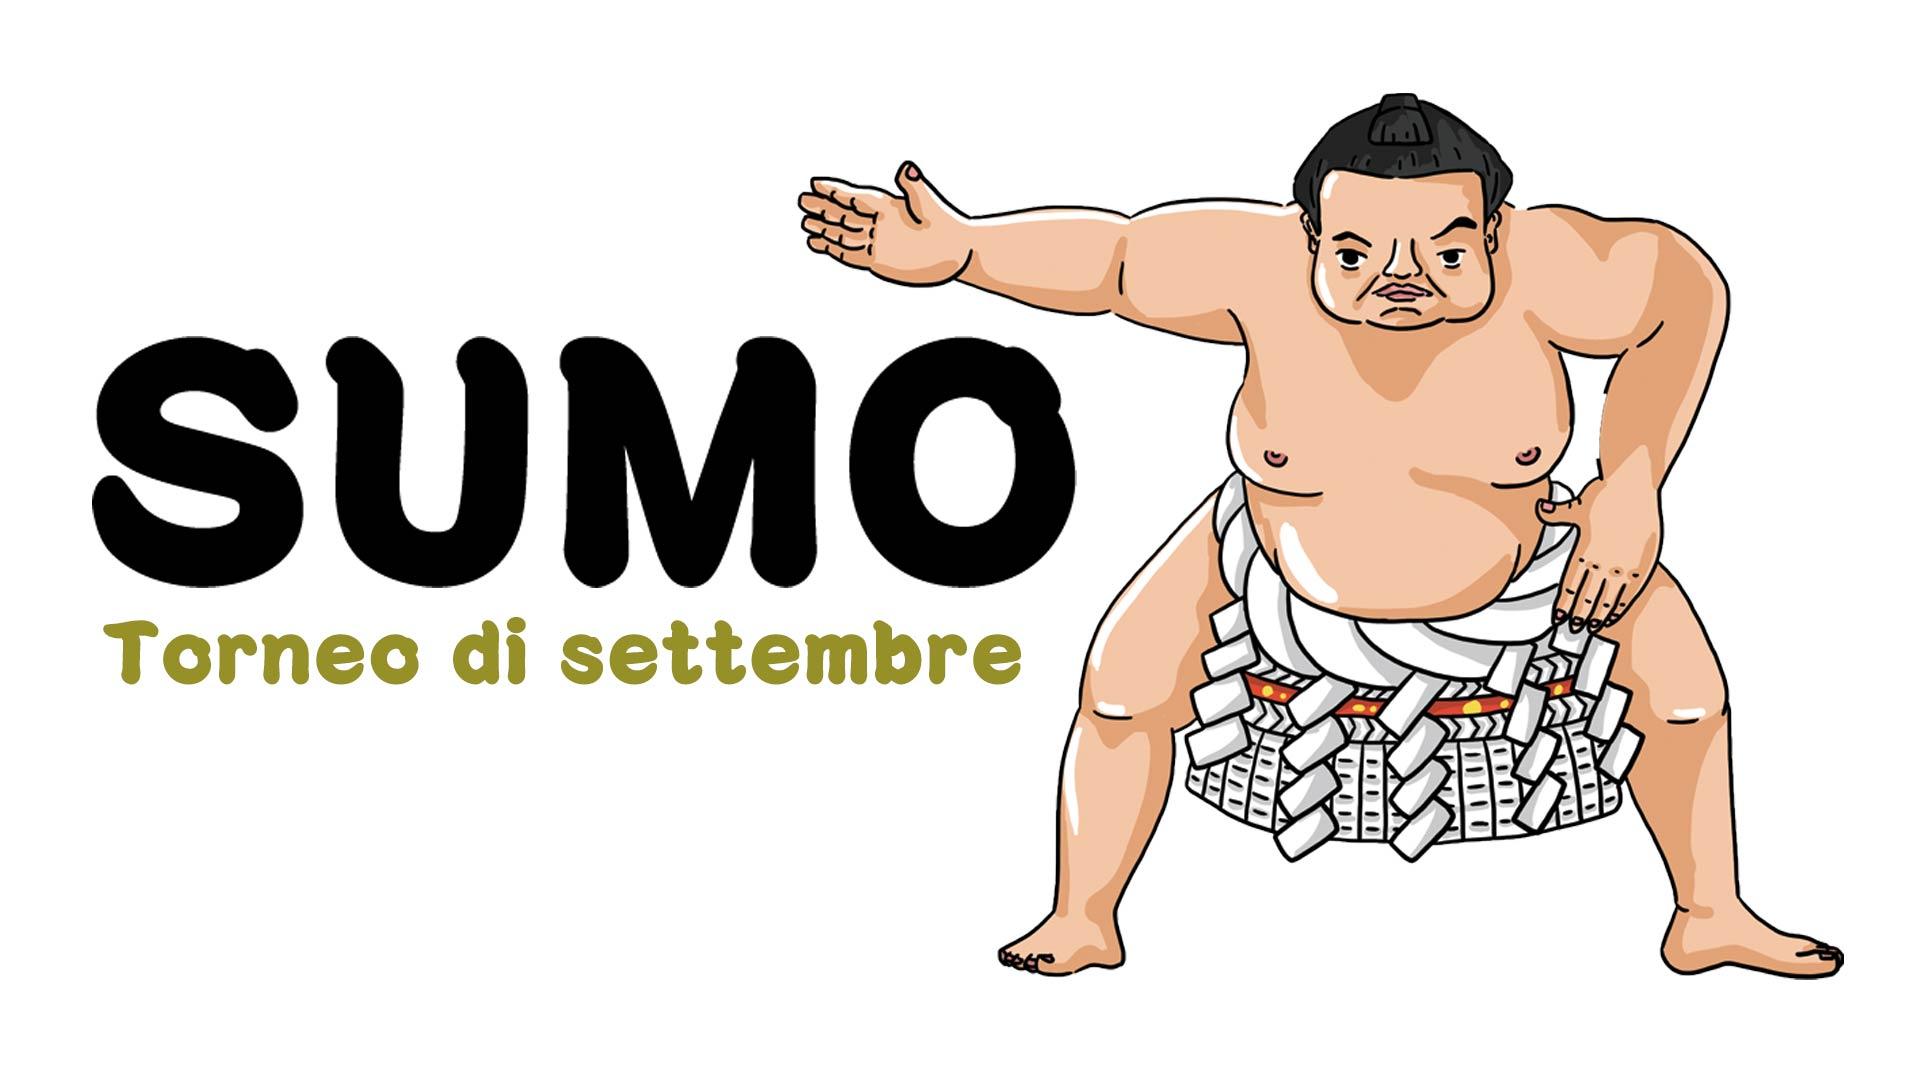 sumo-yokozuna-yohann-postics-zoomgiappone